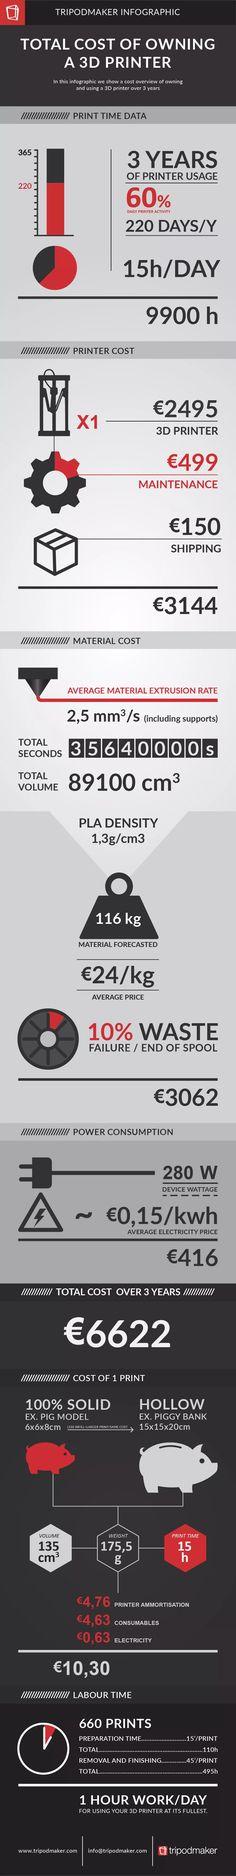 Infographic TCO